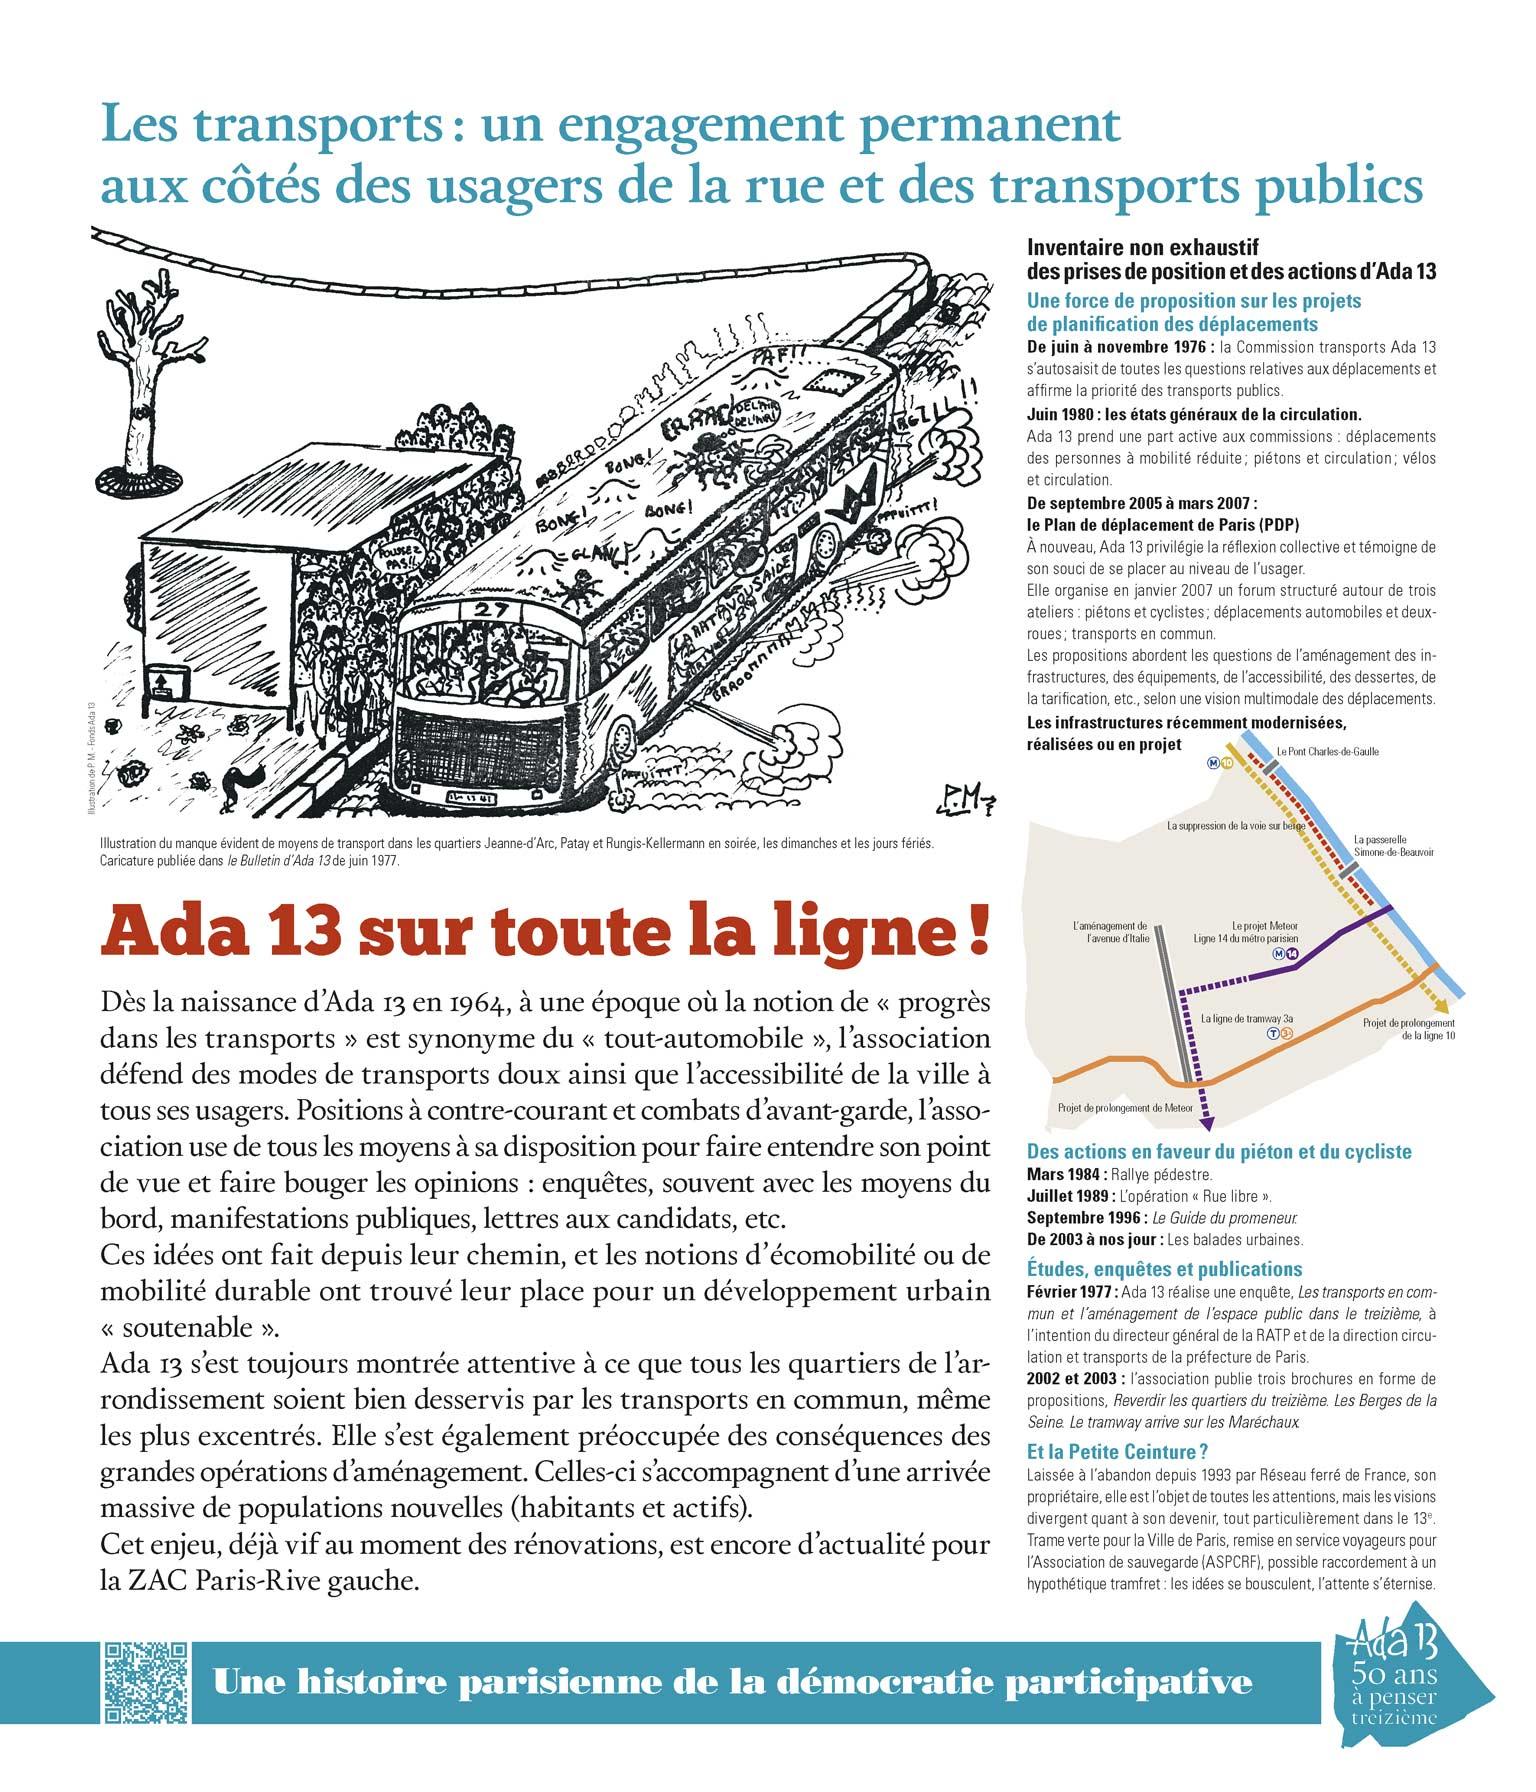 Panneau d'exposition | Les transports: un engagement permanent aux côtés des usagers de la rue et des transports publics